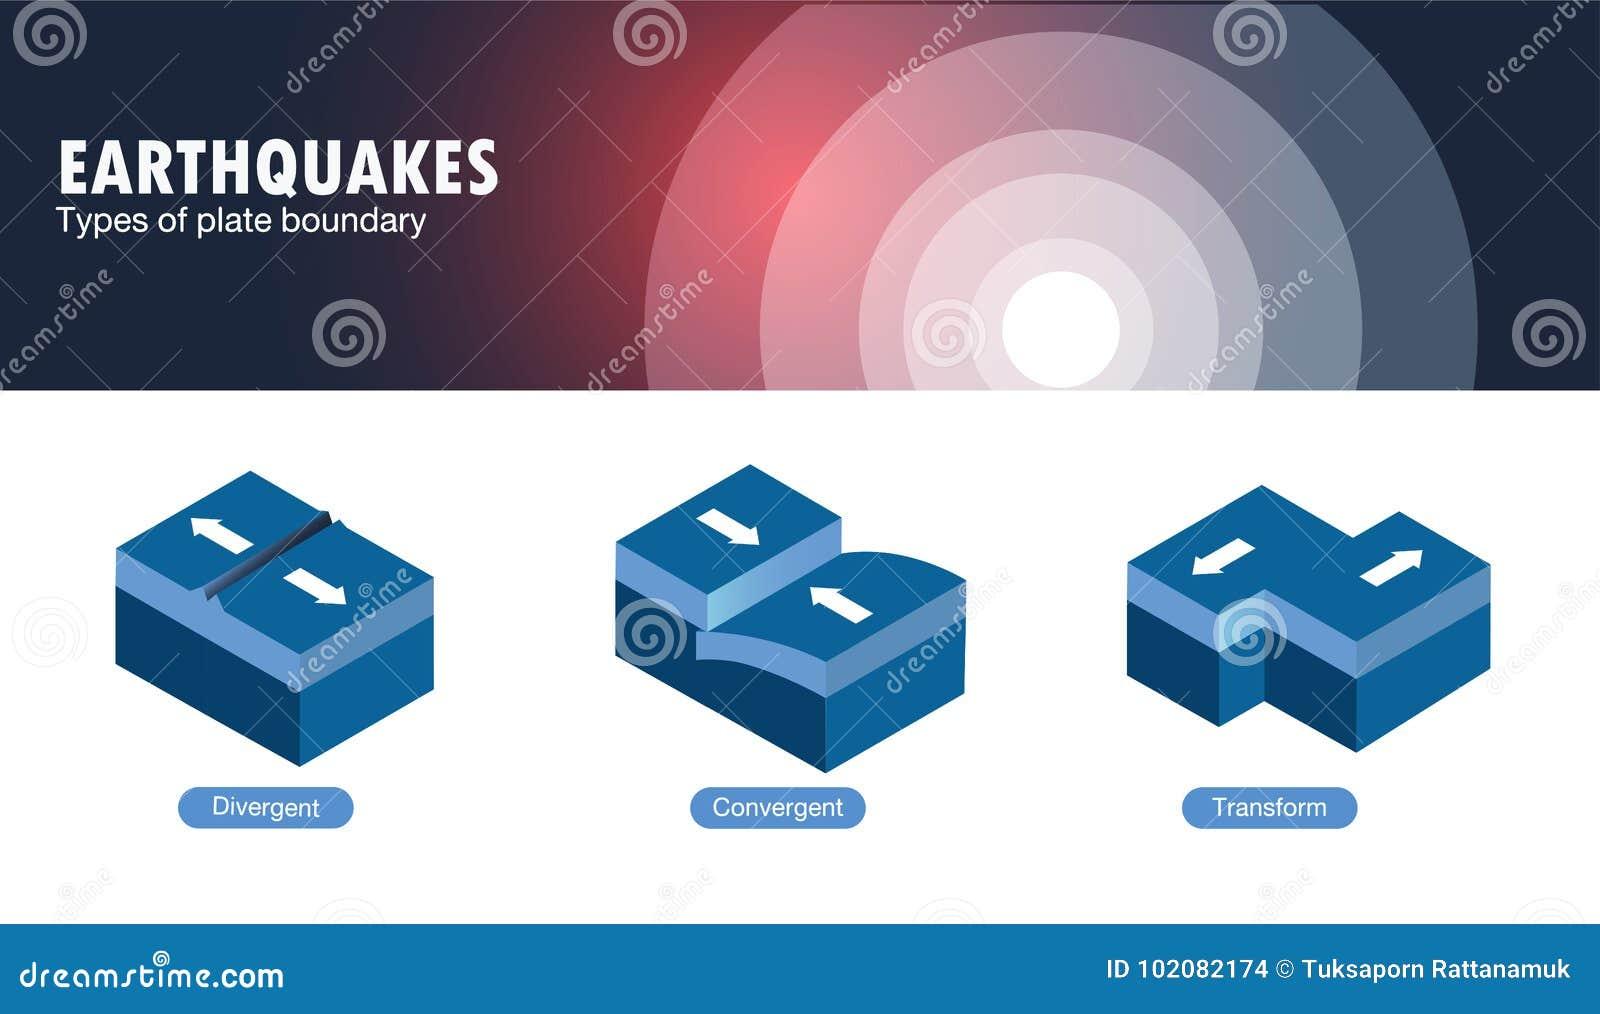 Ποιοι είναι οι δύο διαφορετικοί τύποι γεωλογικών